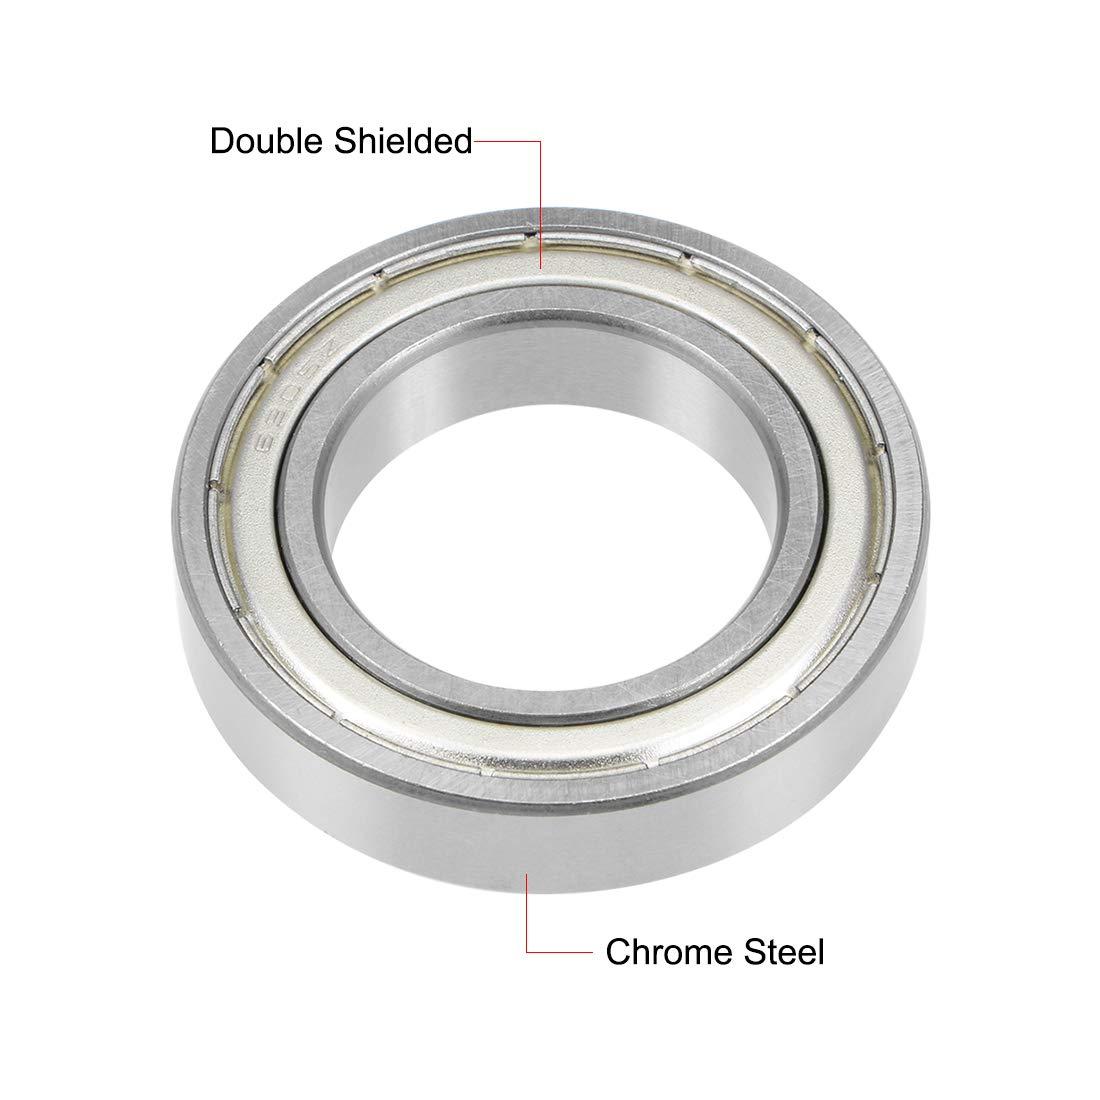 sourcing map Rodamientos de bolas de ranura profunda 6702-2RS rodamientos de acero cromado sellado doble de 15x21x4mm